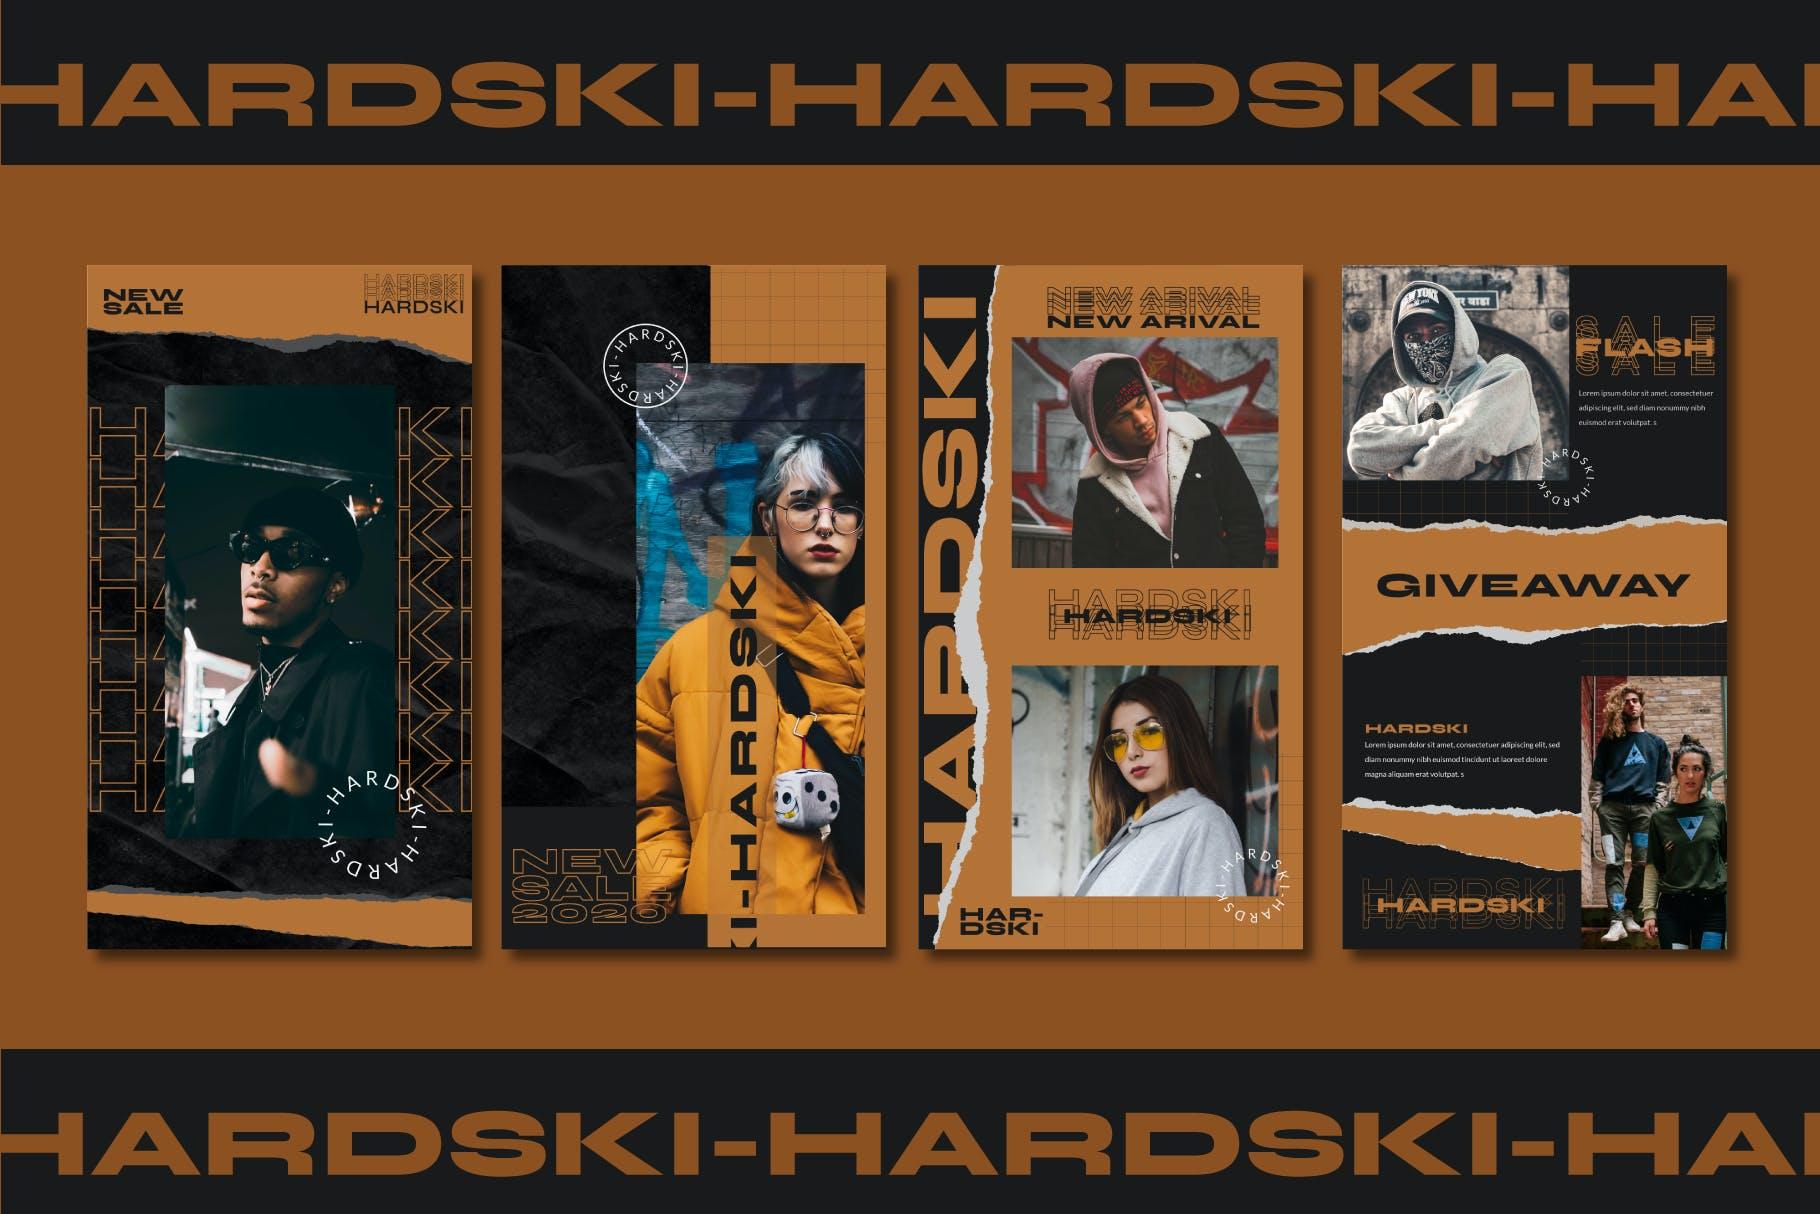 潮流街头潮牌服装推广新媒体电商海报设计PSD模板 Hardski – Instagram Post And Stories插图(9)